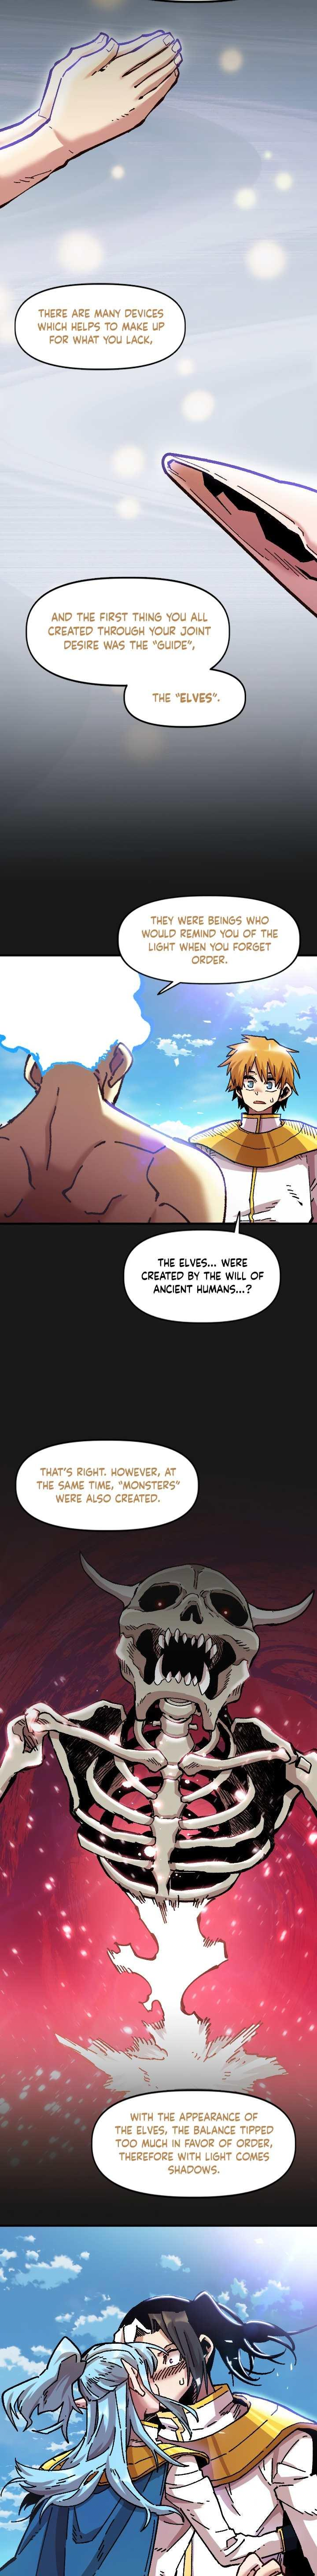 Slave B Chapter 79 page 10 - Mangakakalot